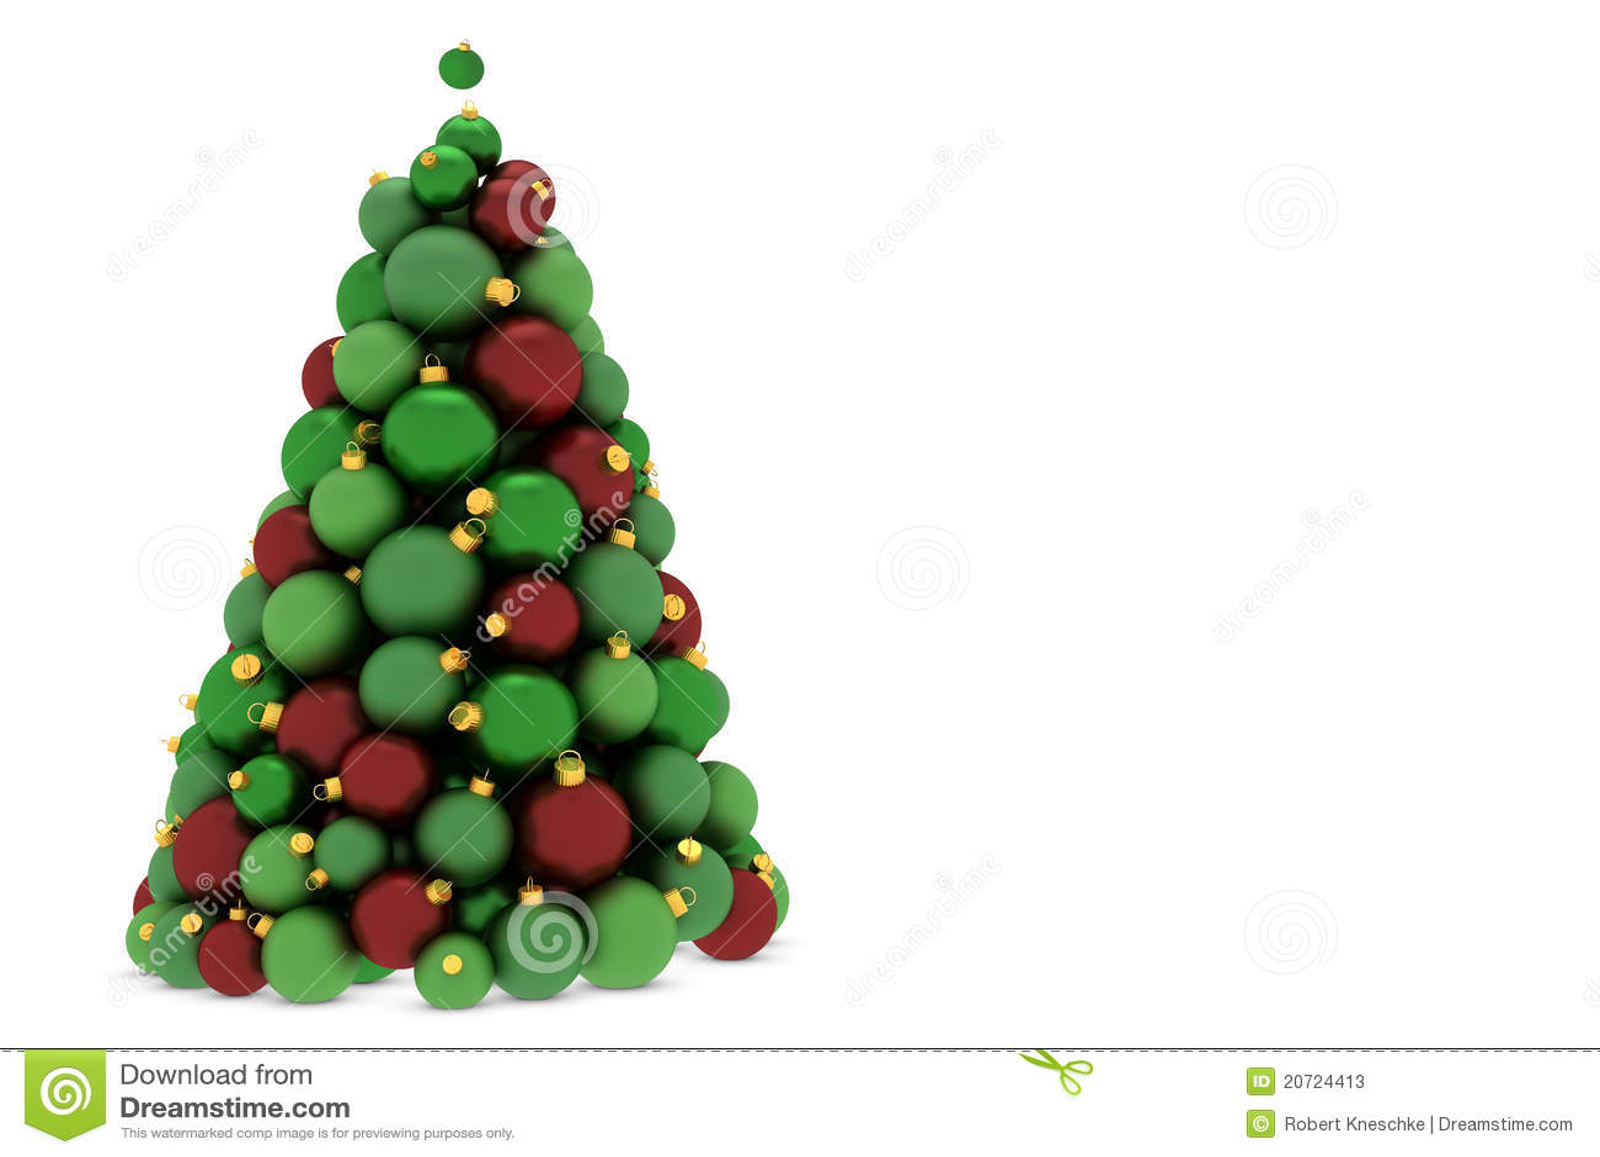 Rbol de navidad hecho de bolas del rbol de navidad stock for Arbol de navidad con bolas rojas